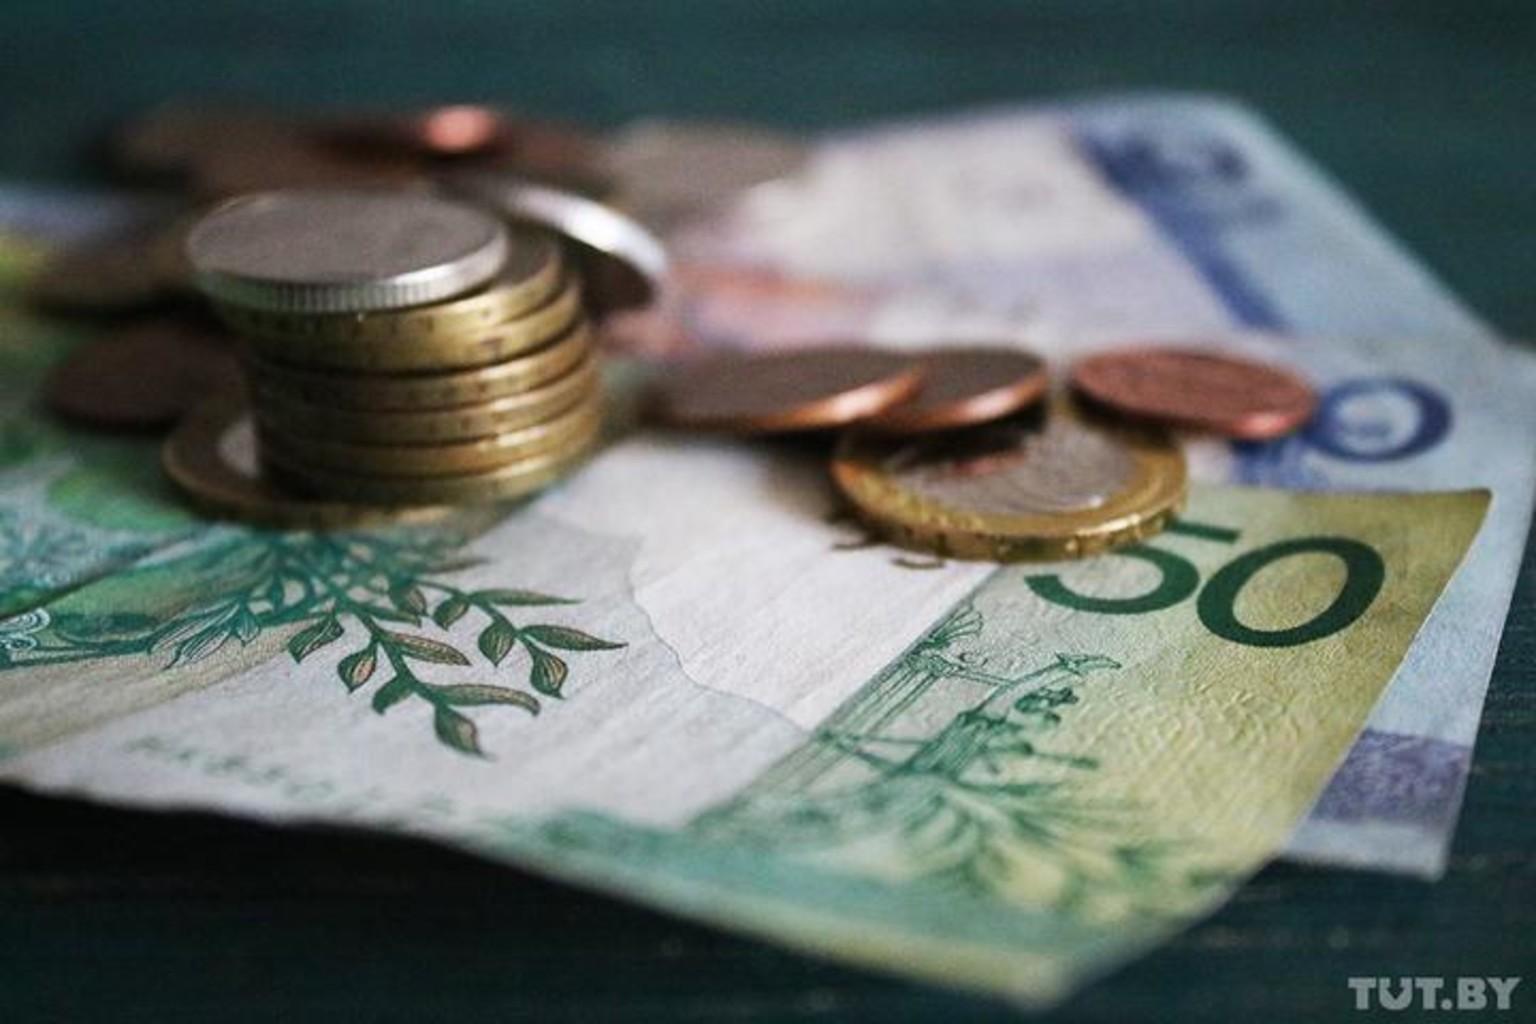 Dengi pensiya zarplata monety valyuta rubl